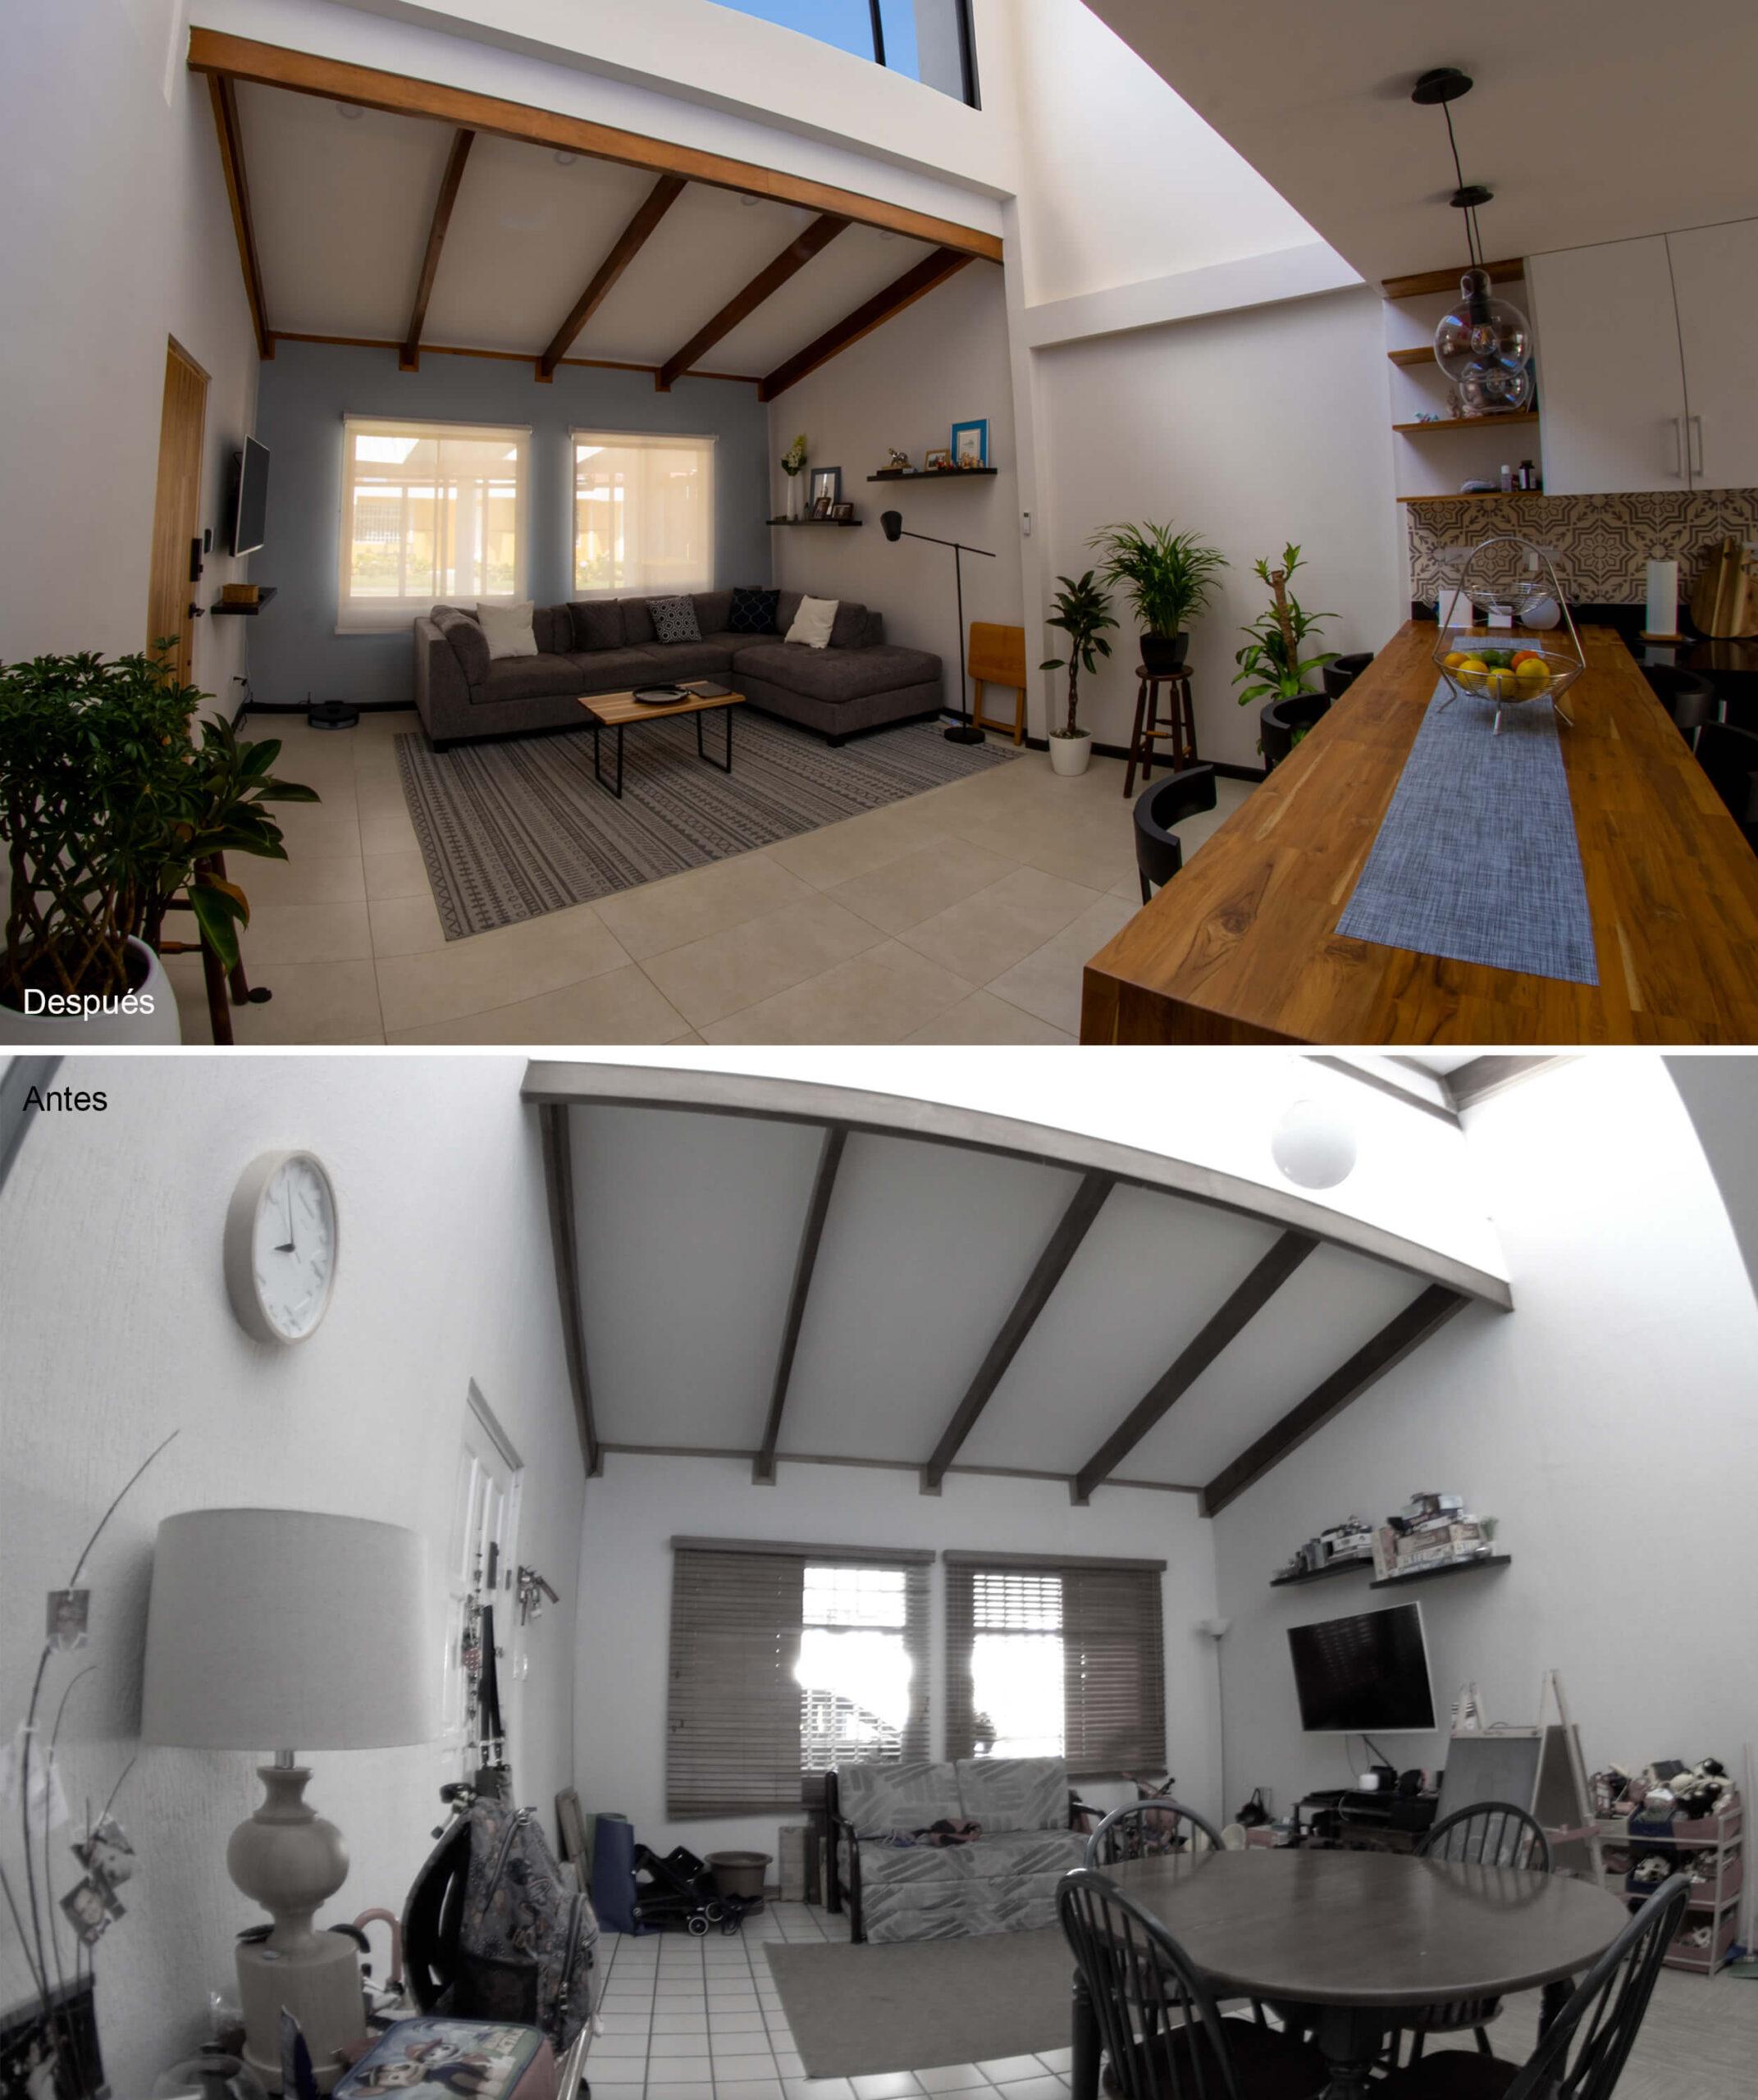 ampliación de casa costa rica